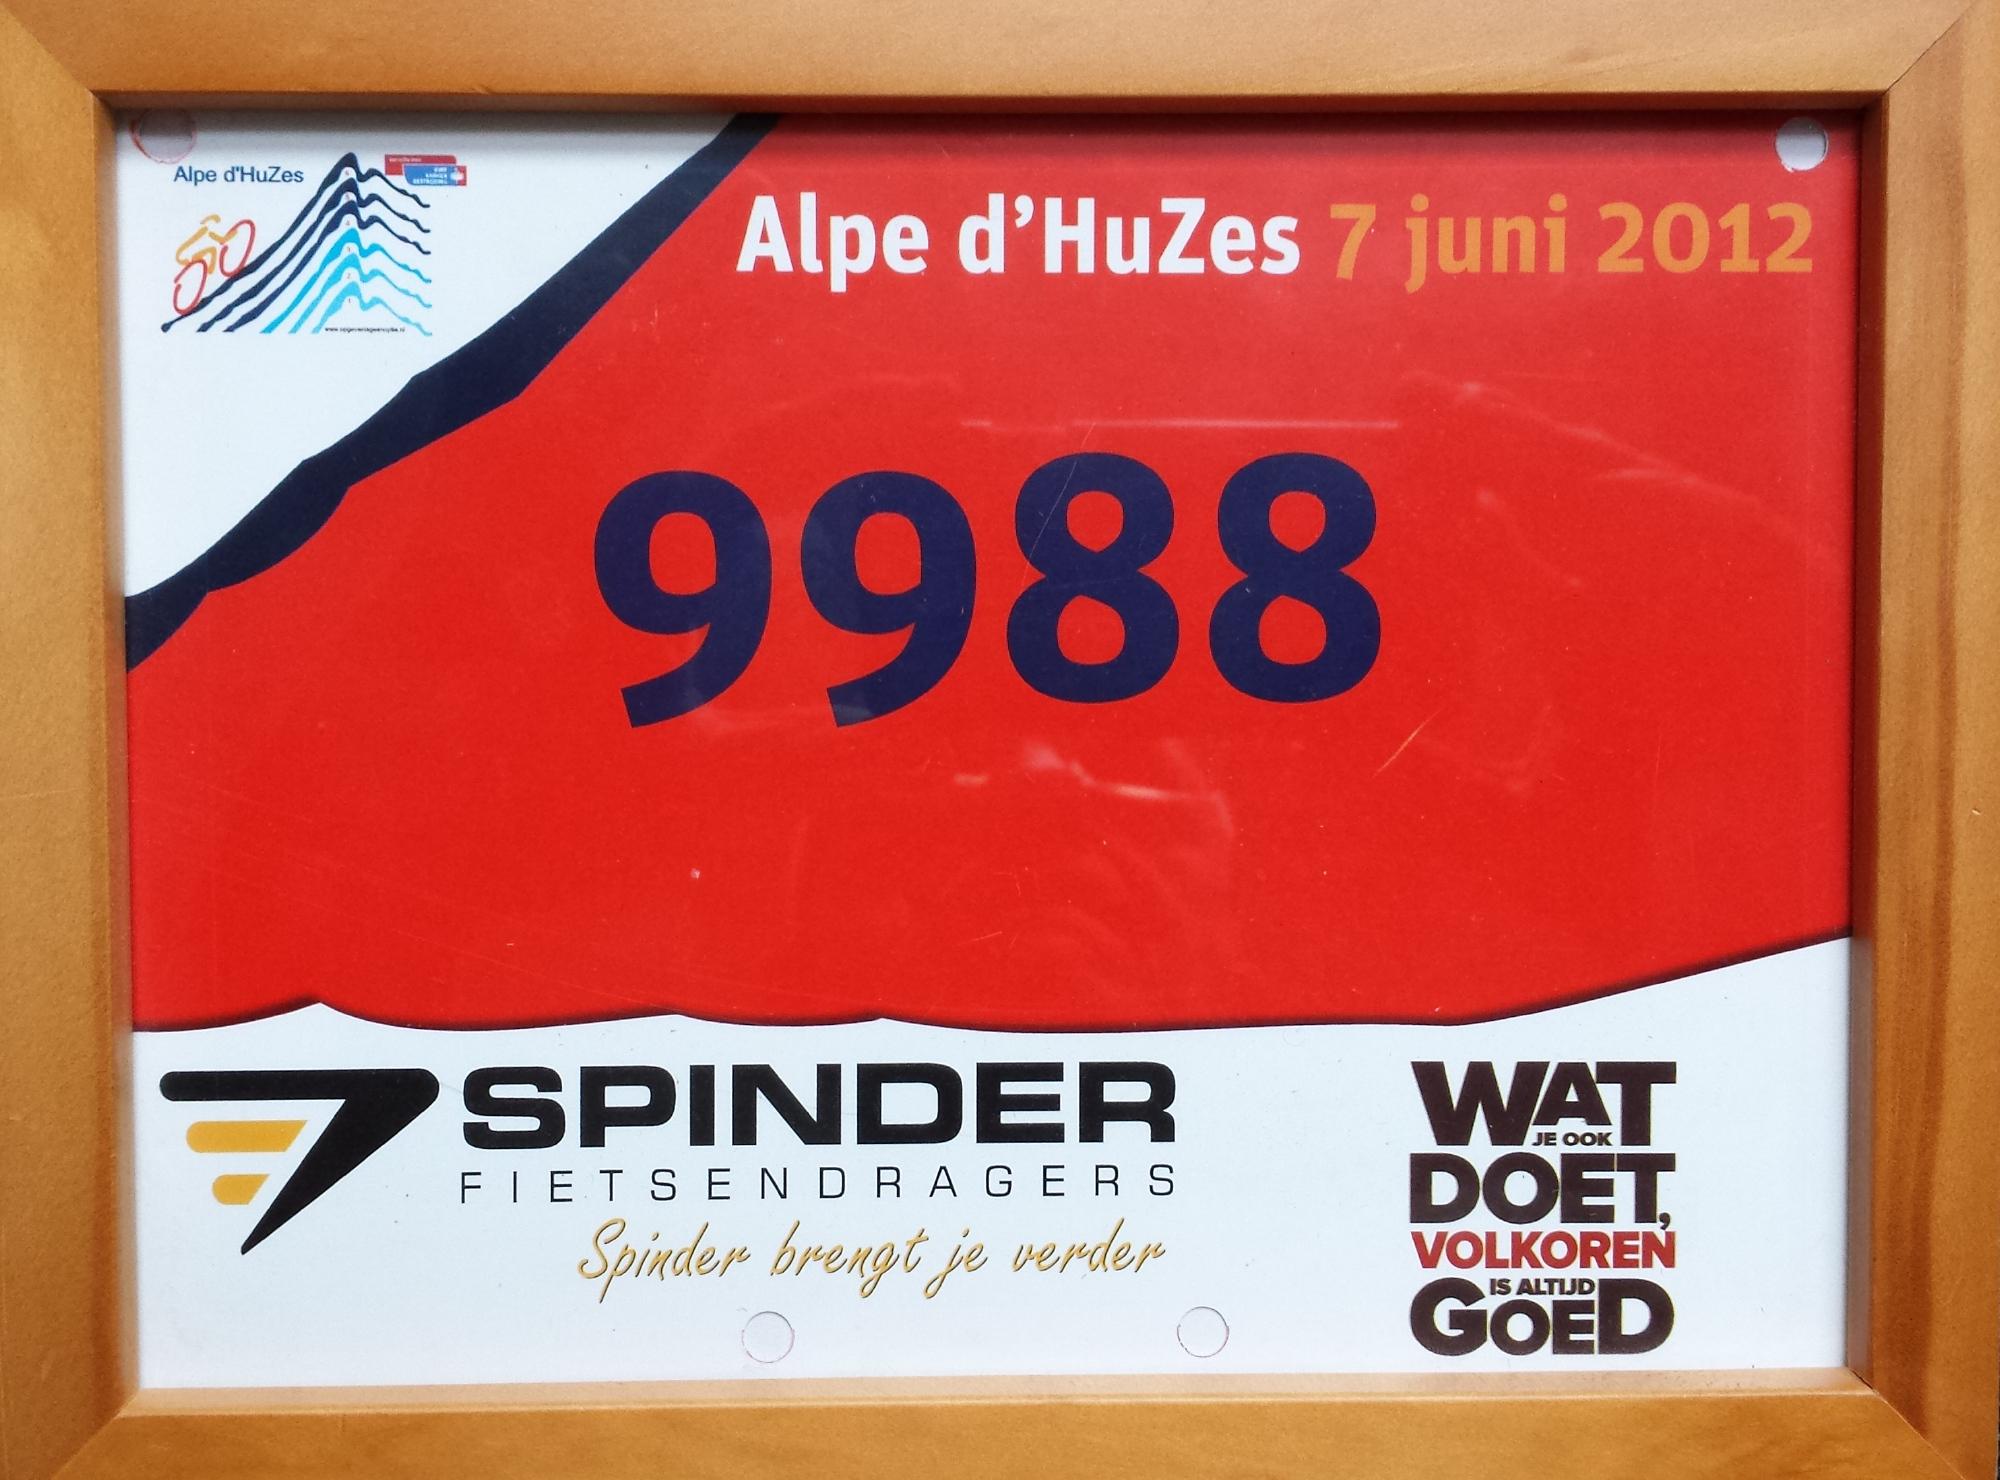 Alpe d'HuZes tag